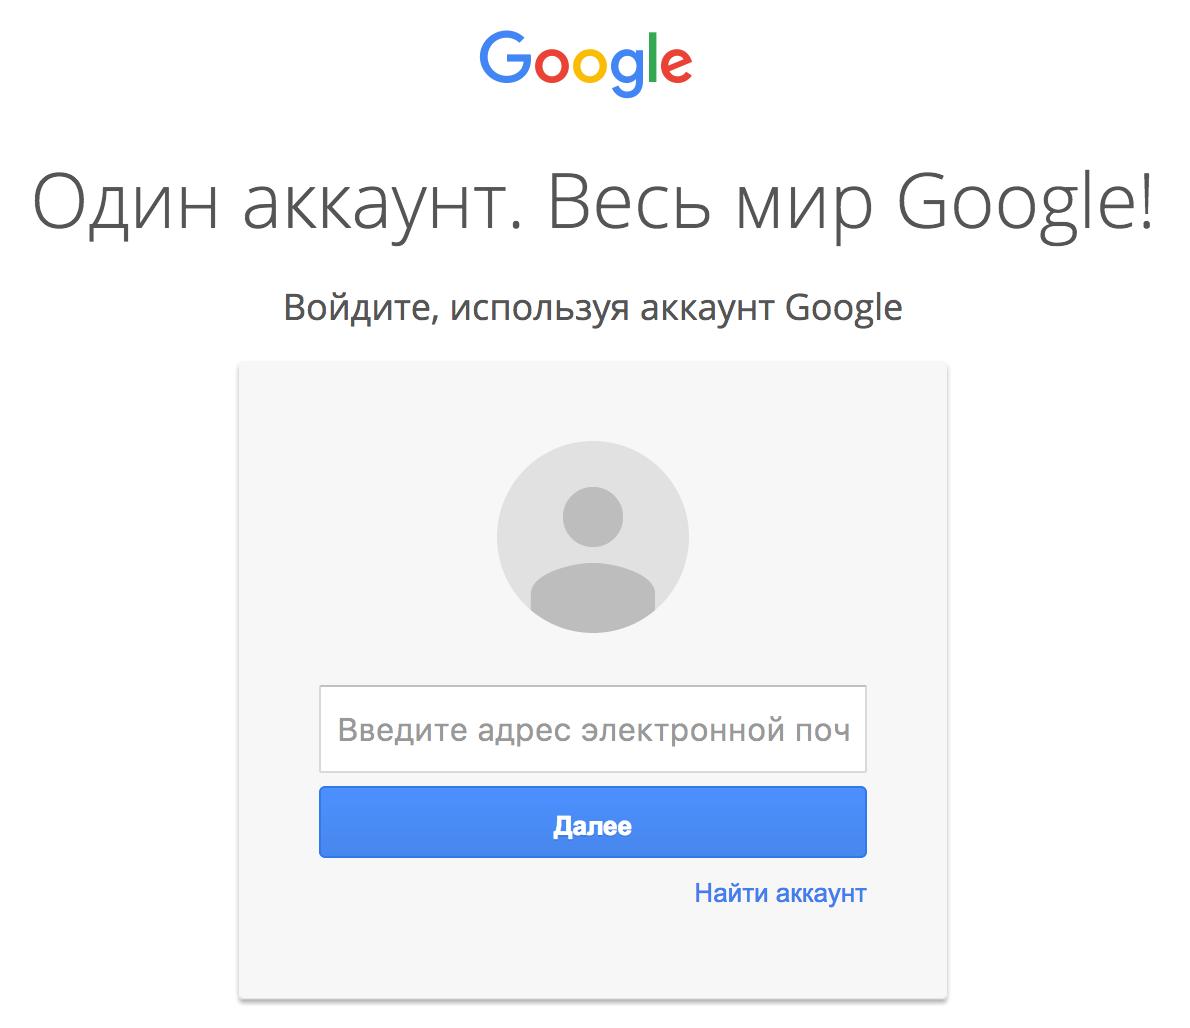 Как зайти в свой аккаунт Gmail?